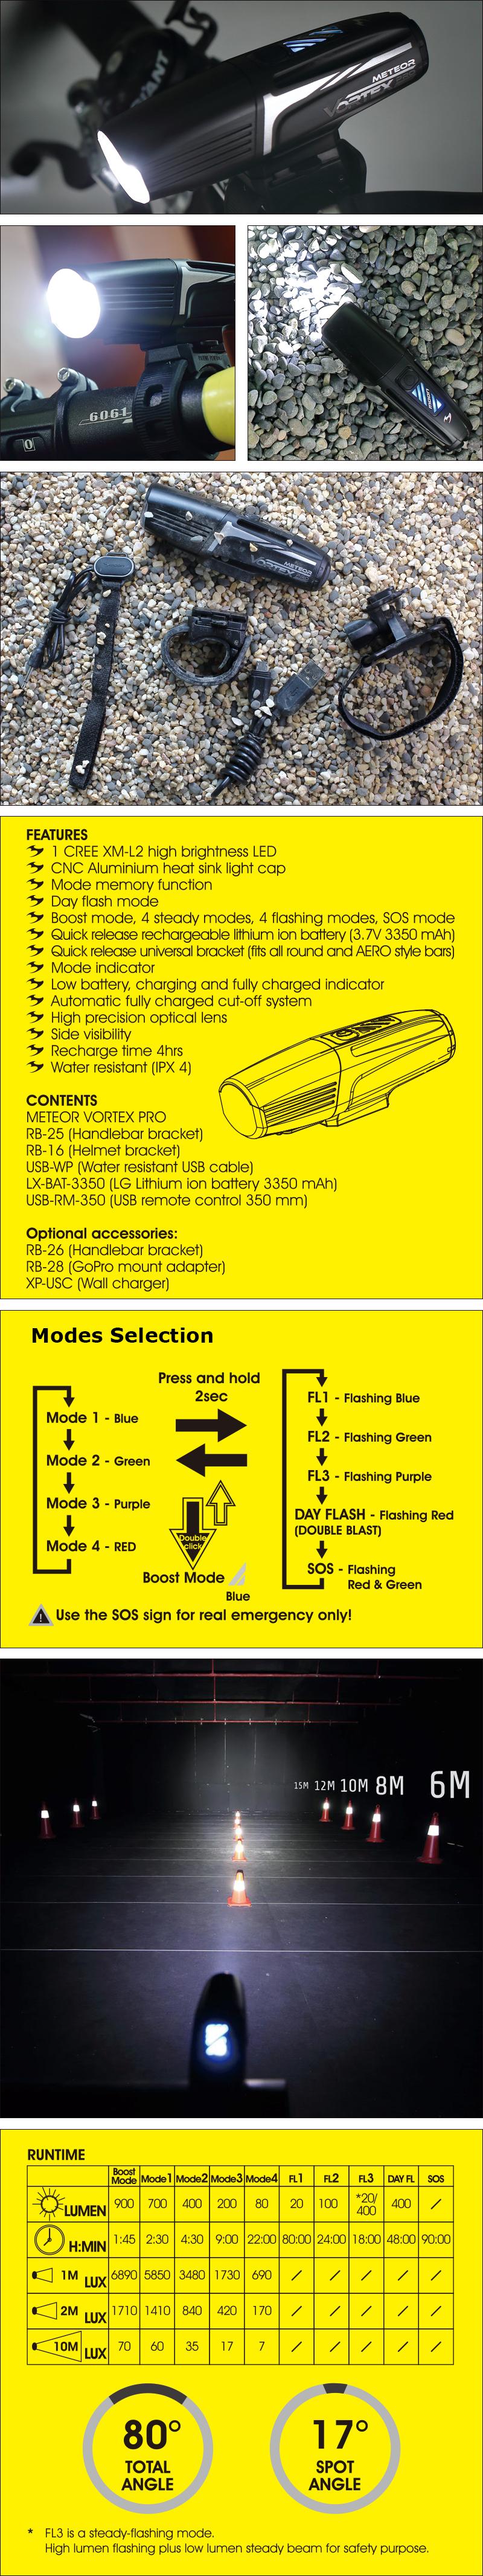 Meteor Vortex Pro Information